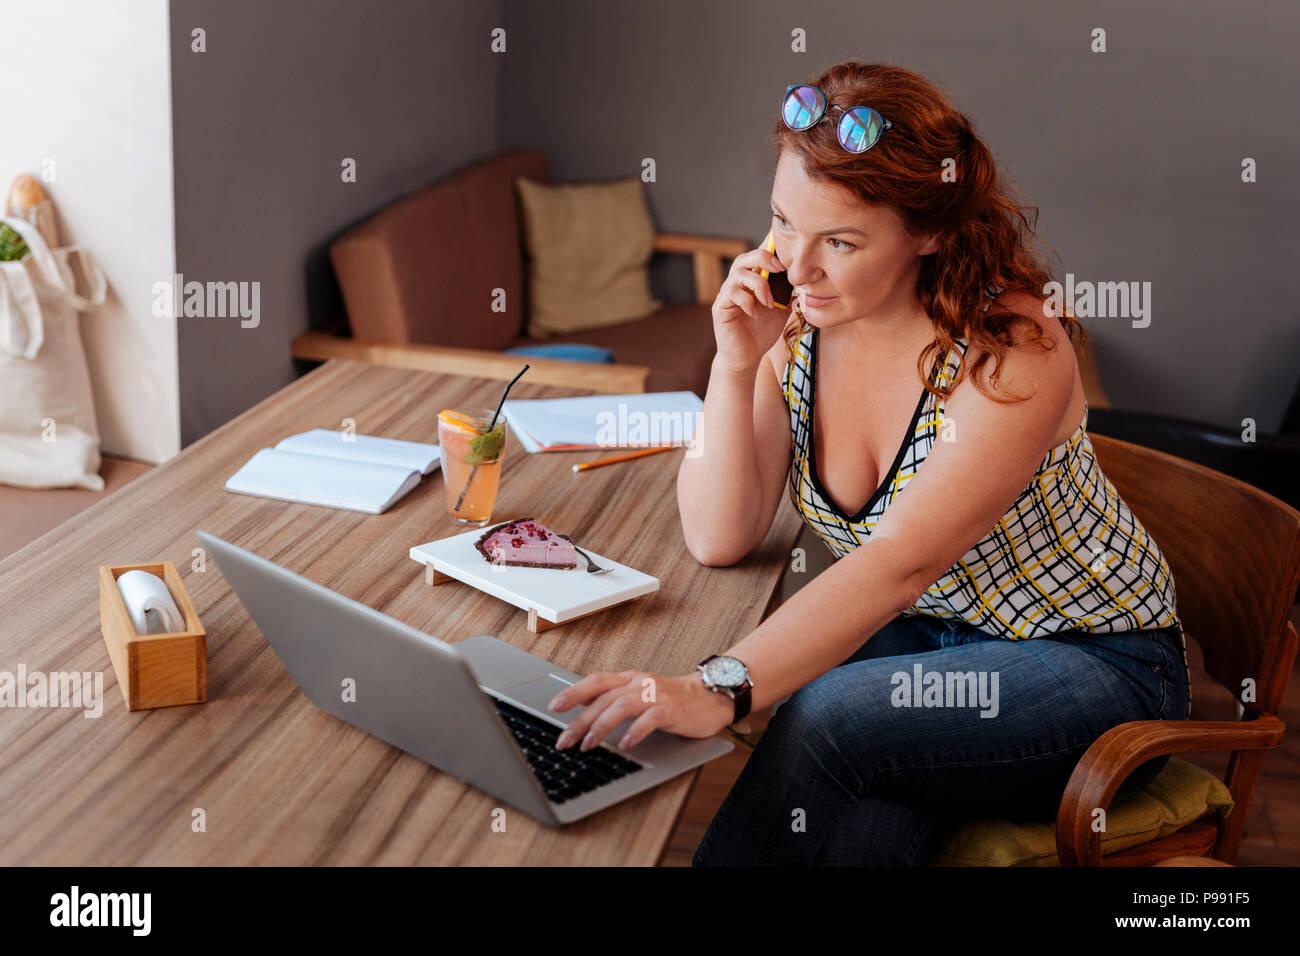 Busy Geschäftsfrau ihrem Kollegen anrufen kann, während in Sitzung Stockbild